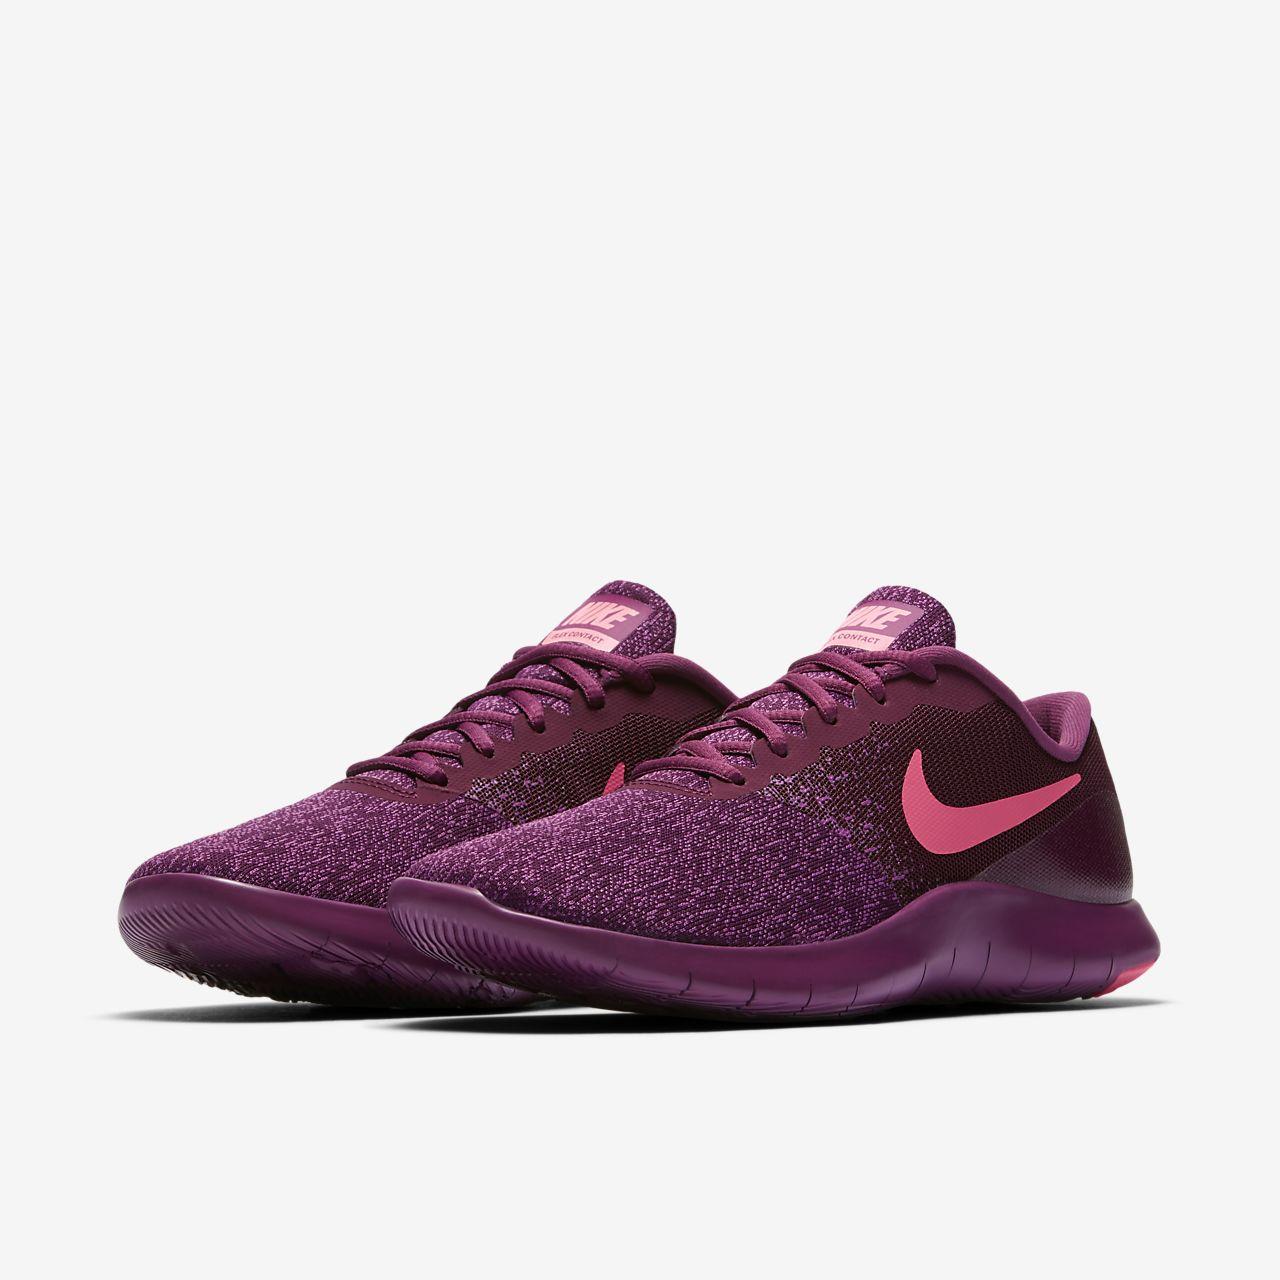 6314170c380c8 Nike Flex Contact Women s Running Shoe. Nike.com IL